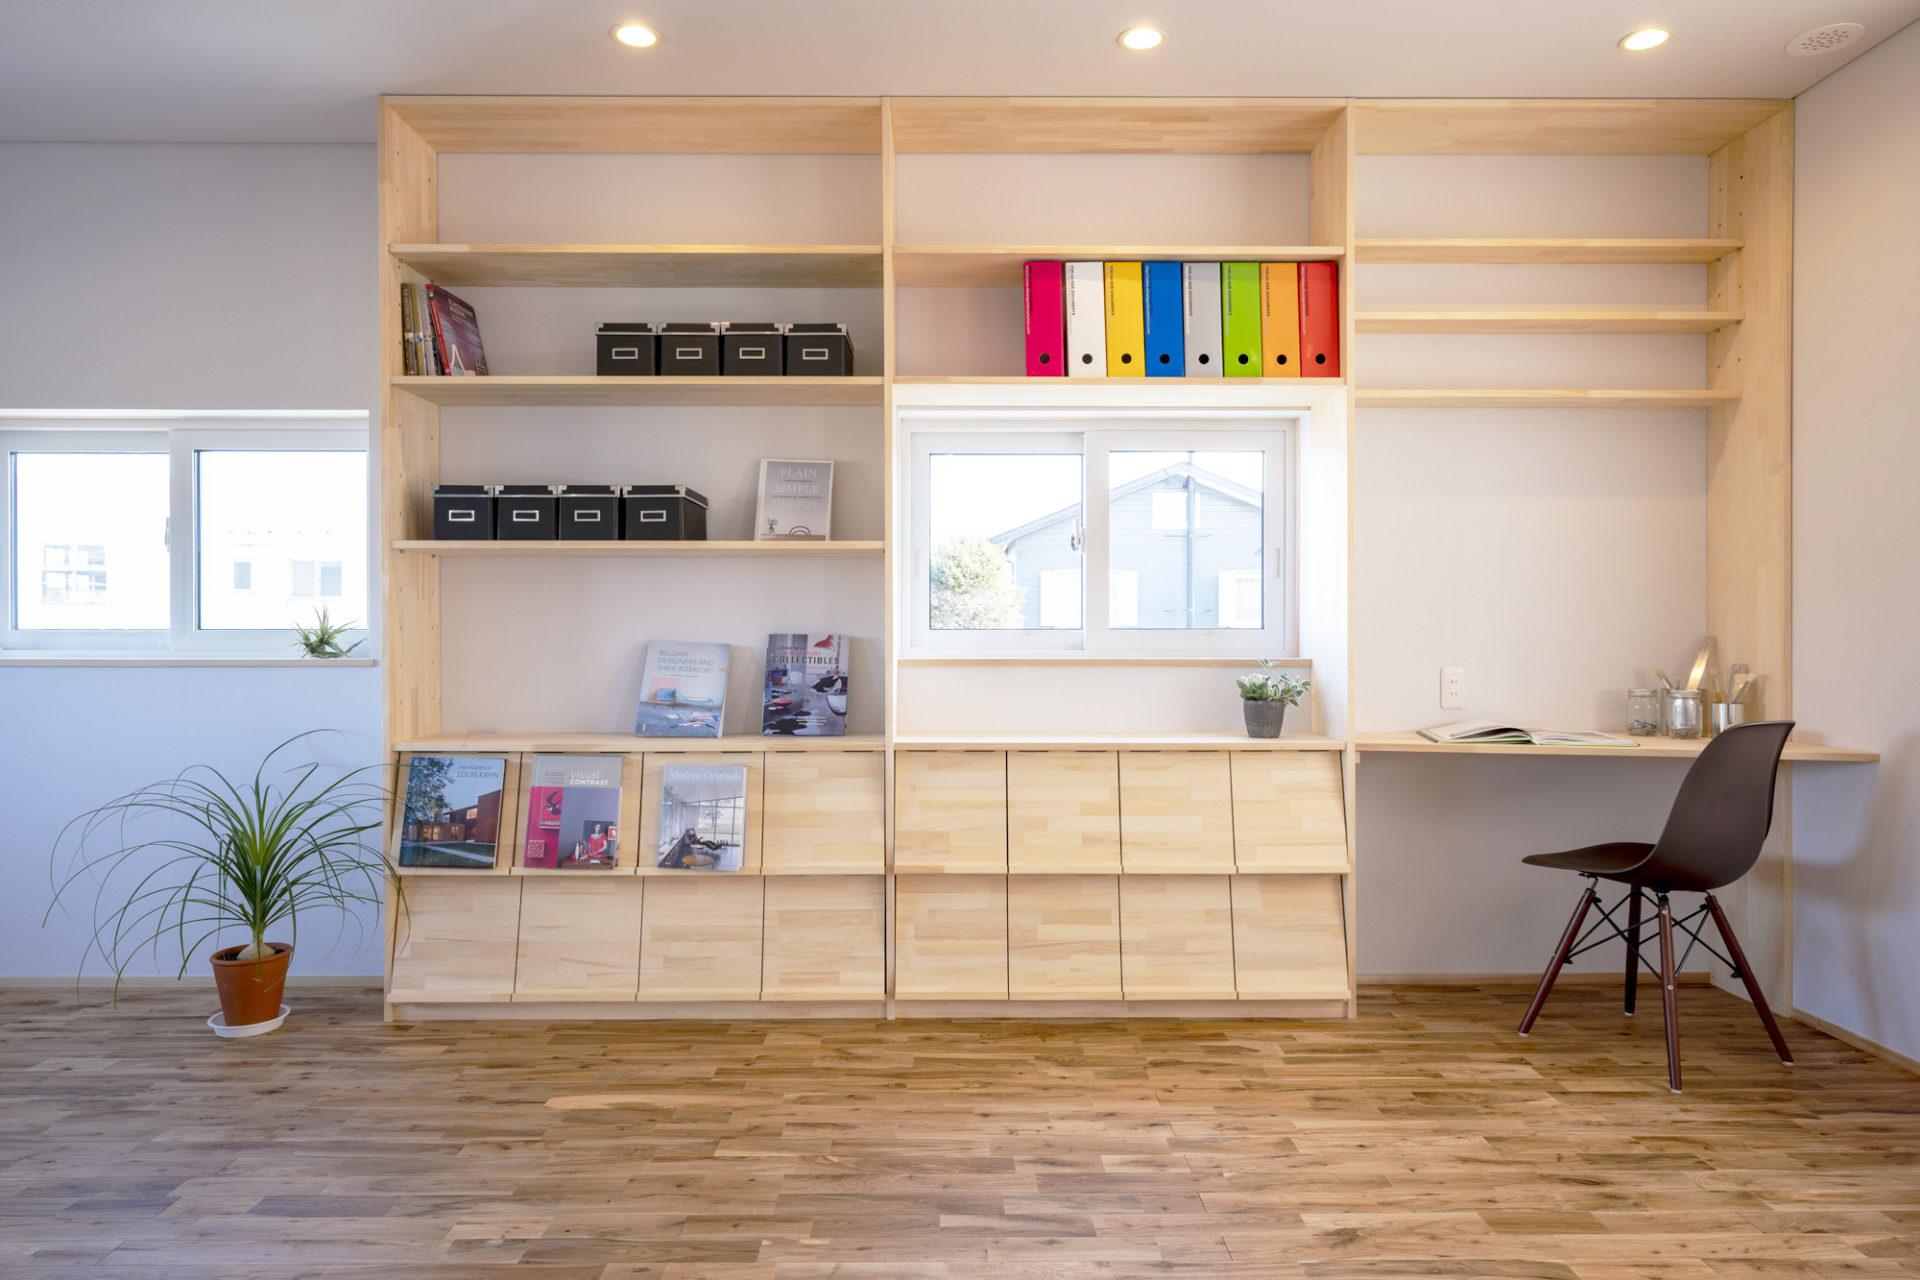 3.シンプルな造作棚は楽しみが広がる